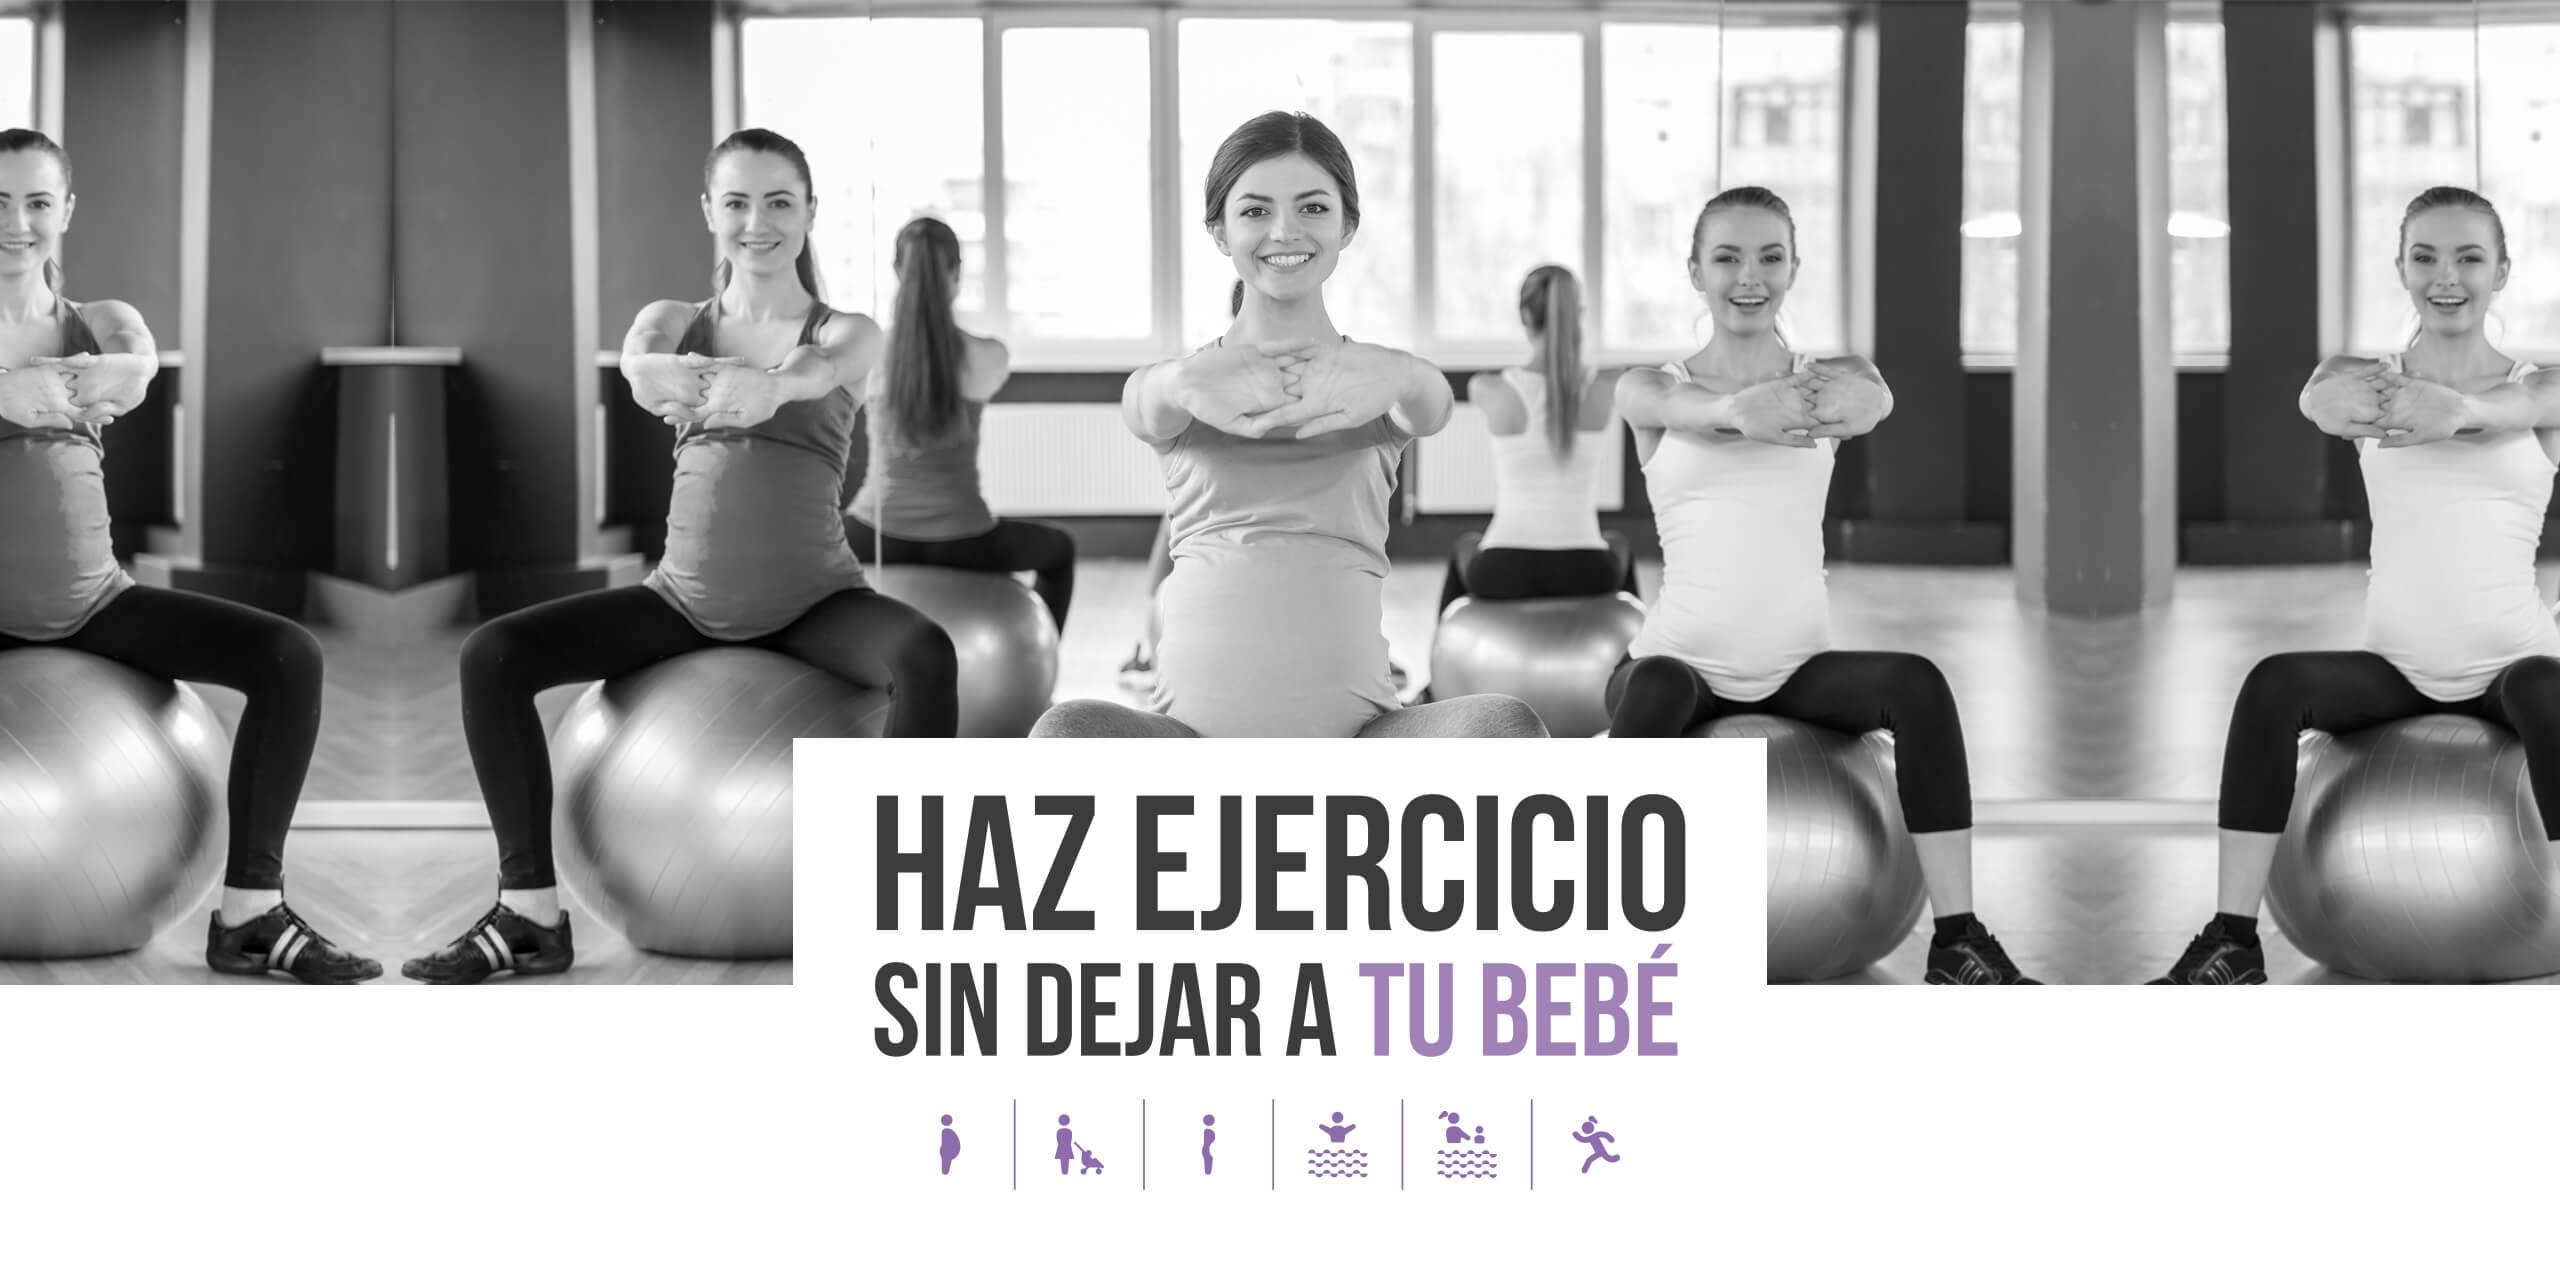 Haz ejercicios sin dejar a tu bebe